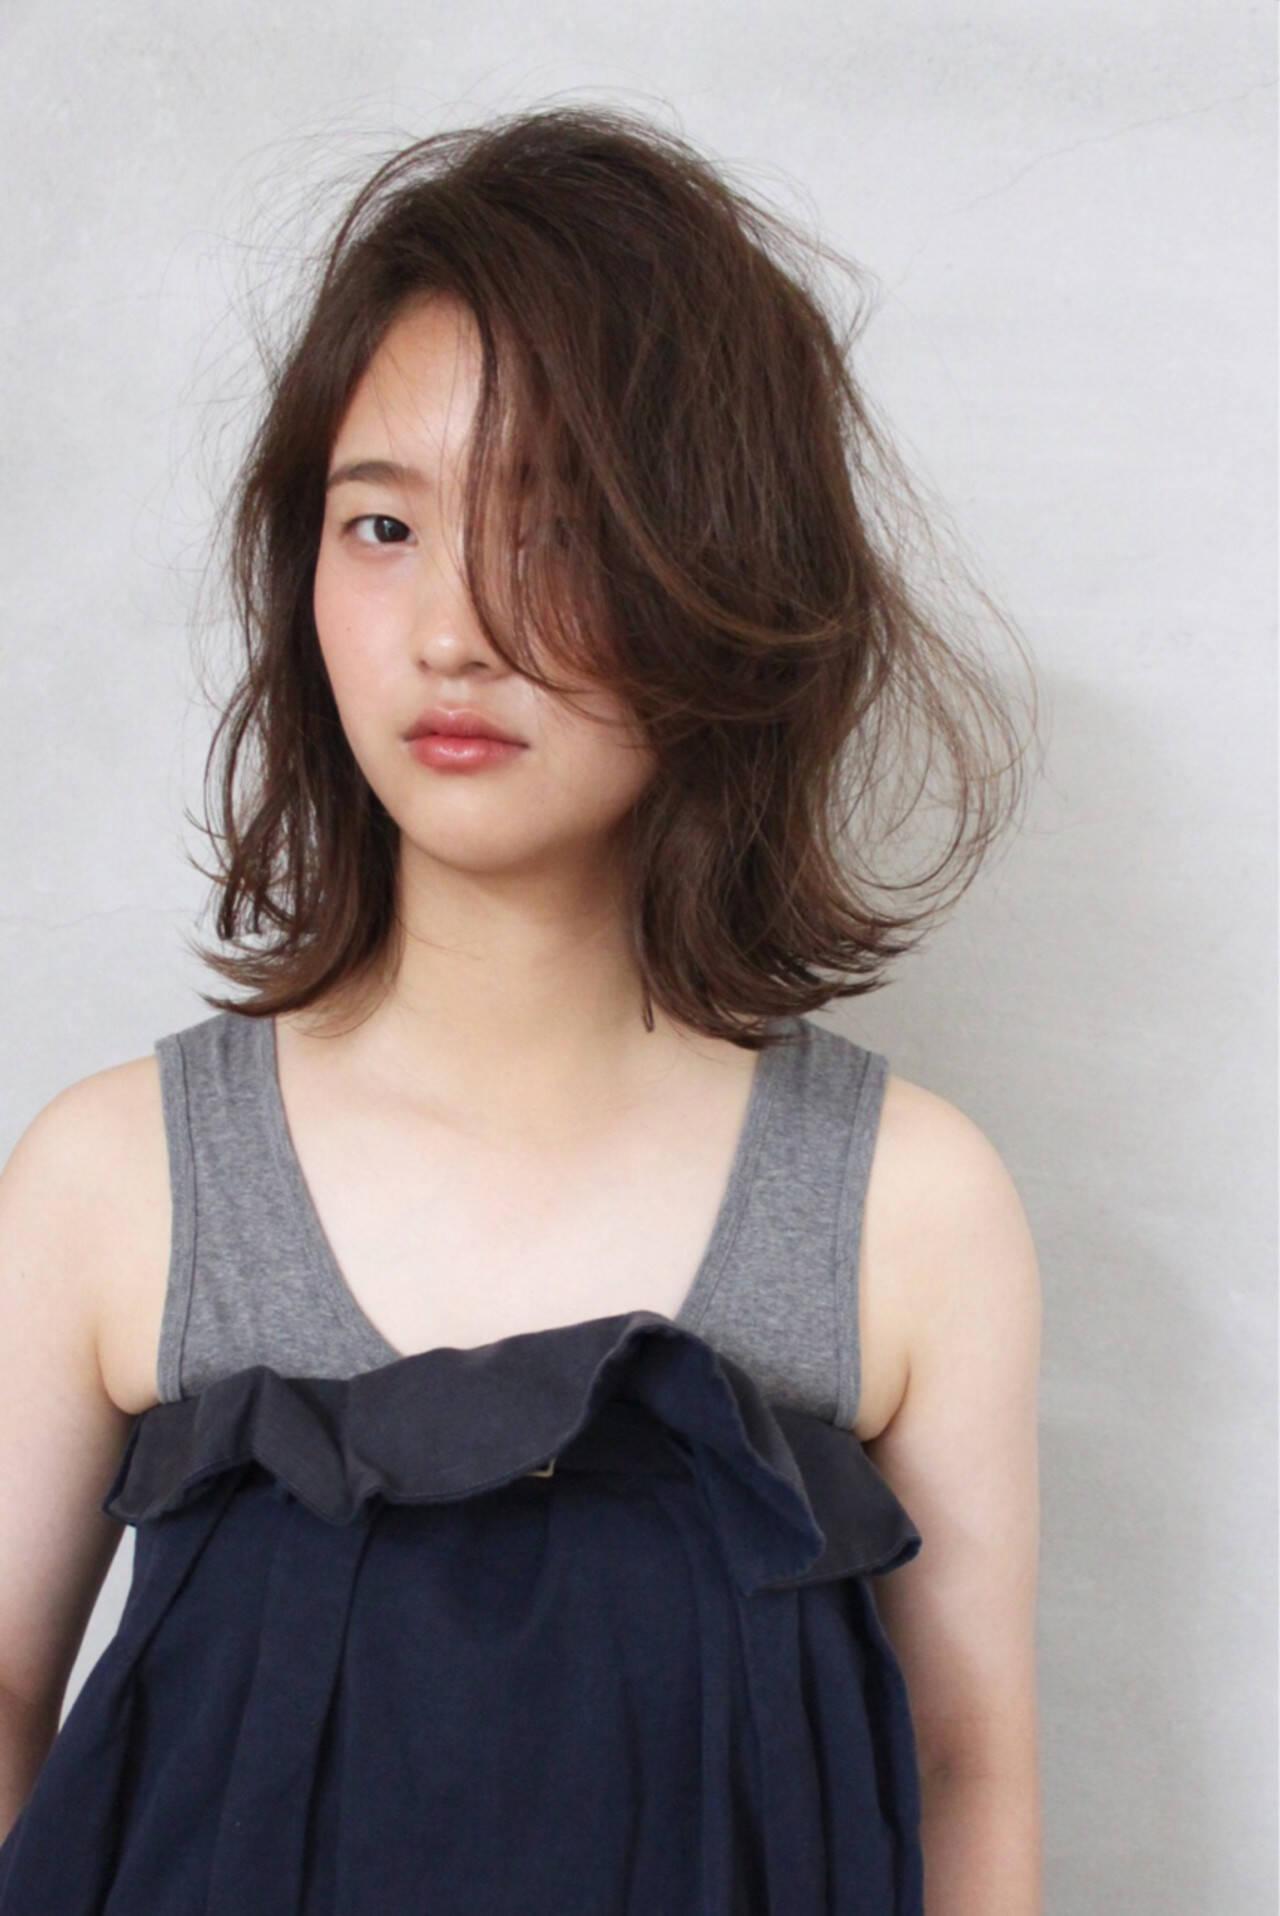 ゆるふわ 大人かわいい ミディアム パーマヘアスタイルや髪型の写真・画像